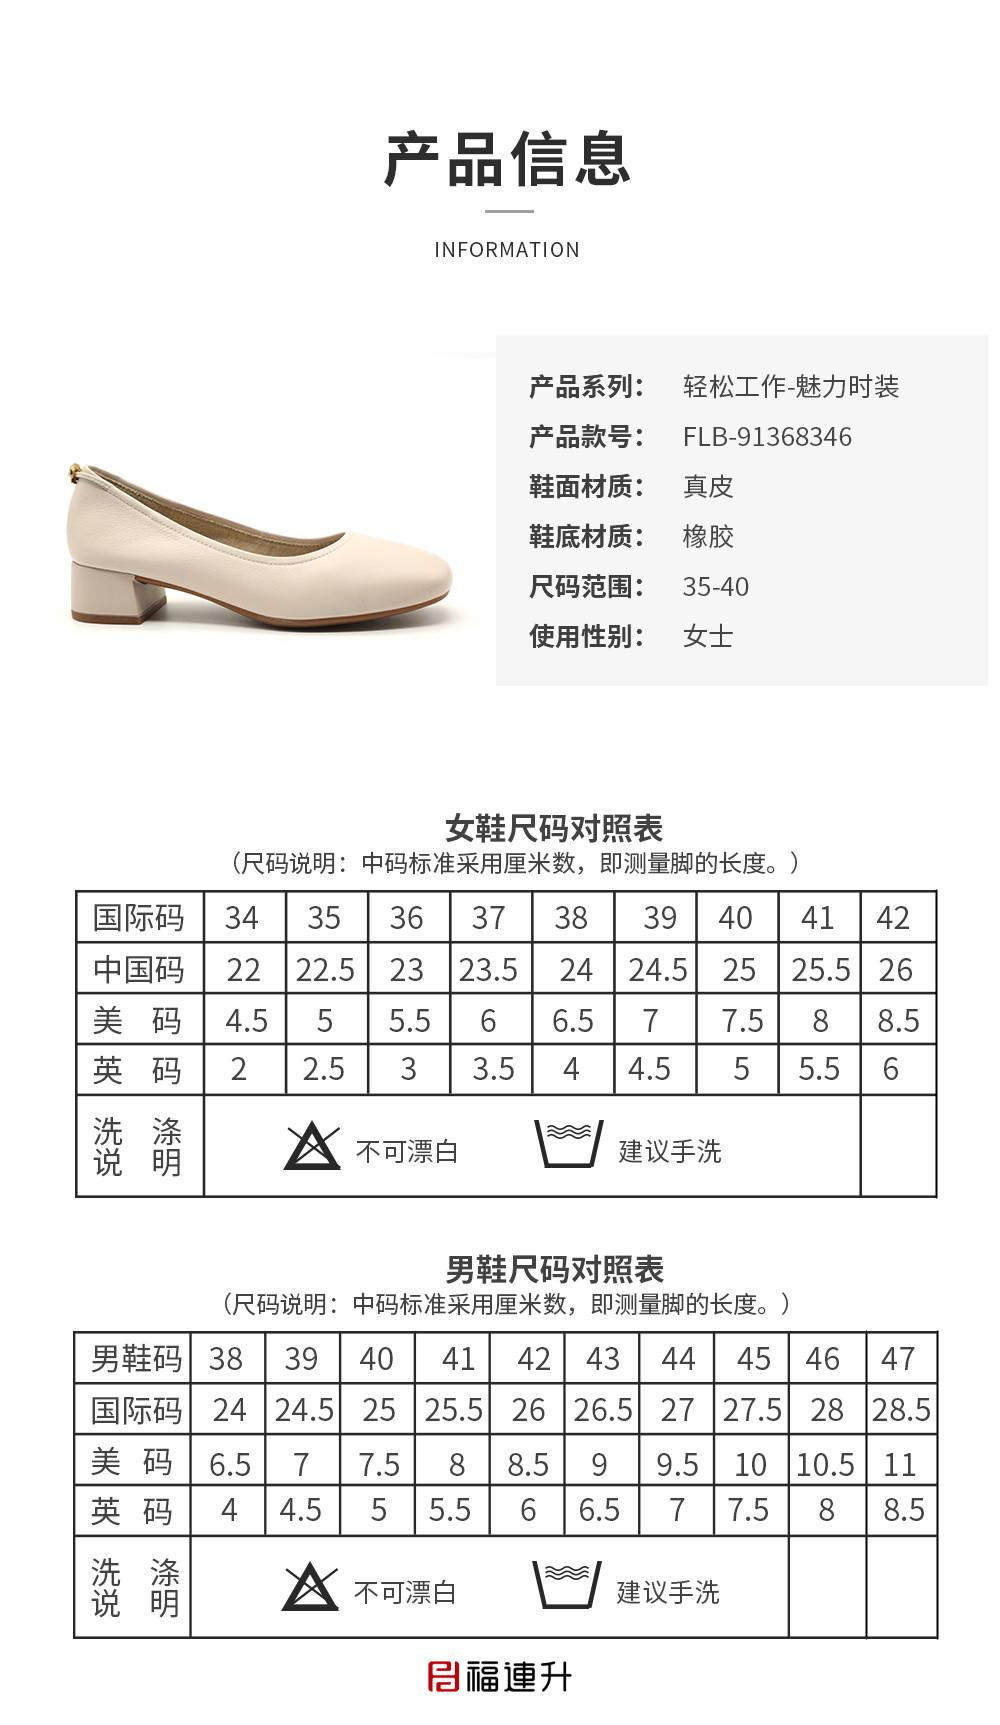 福连升工作鞋女黑色低跟软底圆头皮鞋工鞋职业浅口单鞋图片